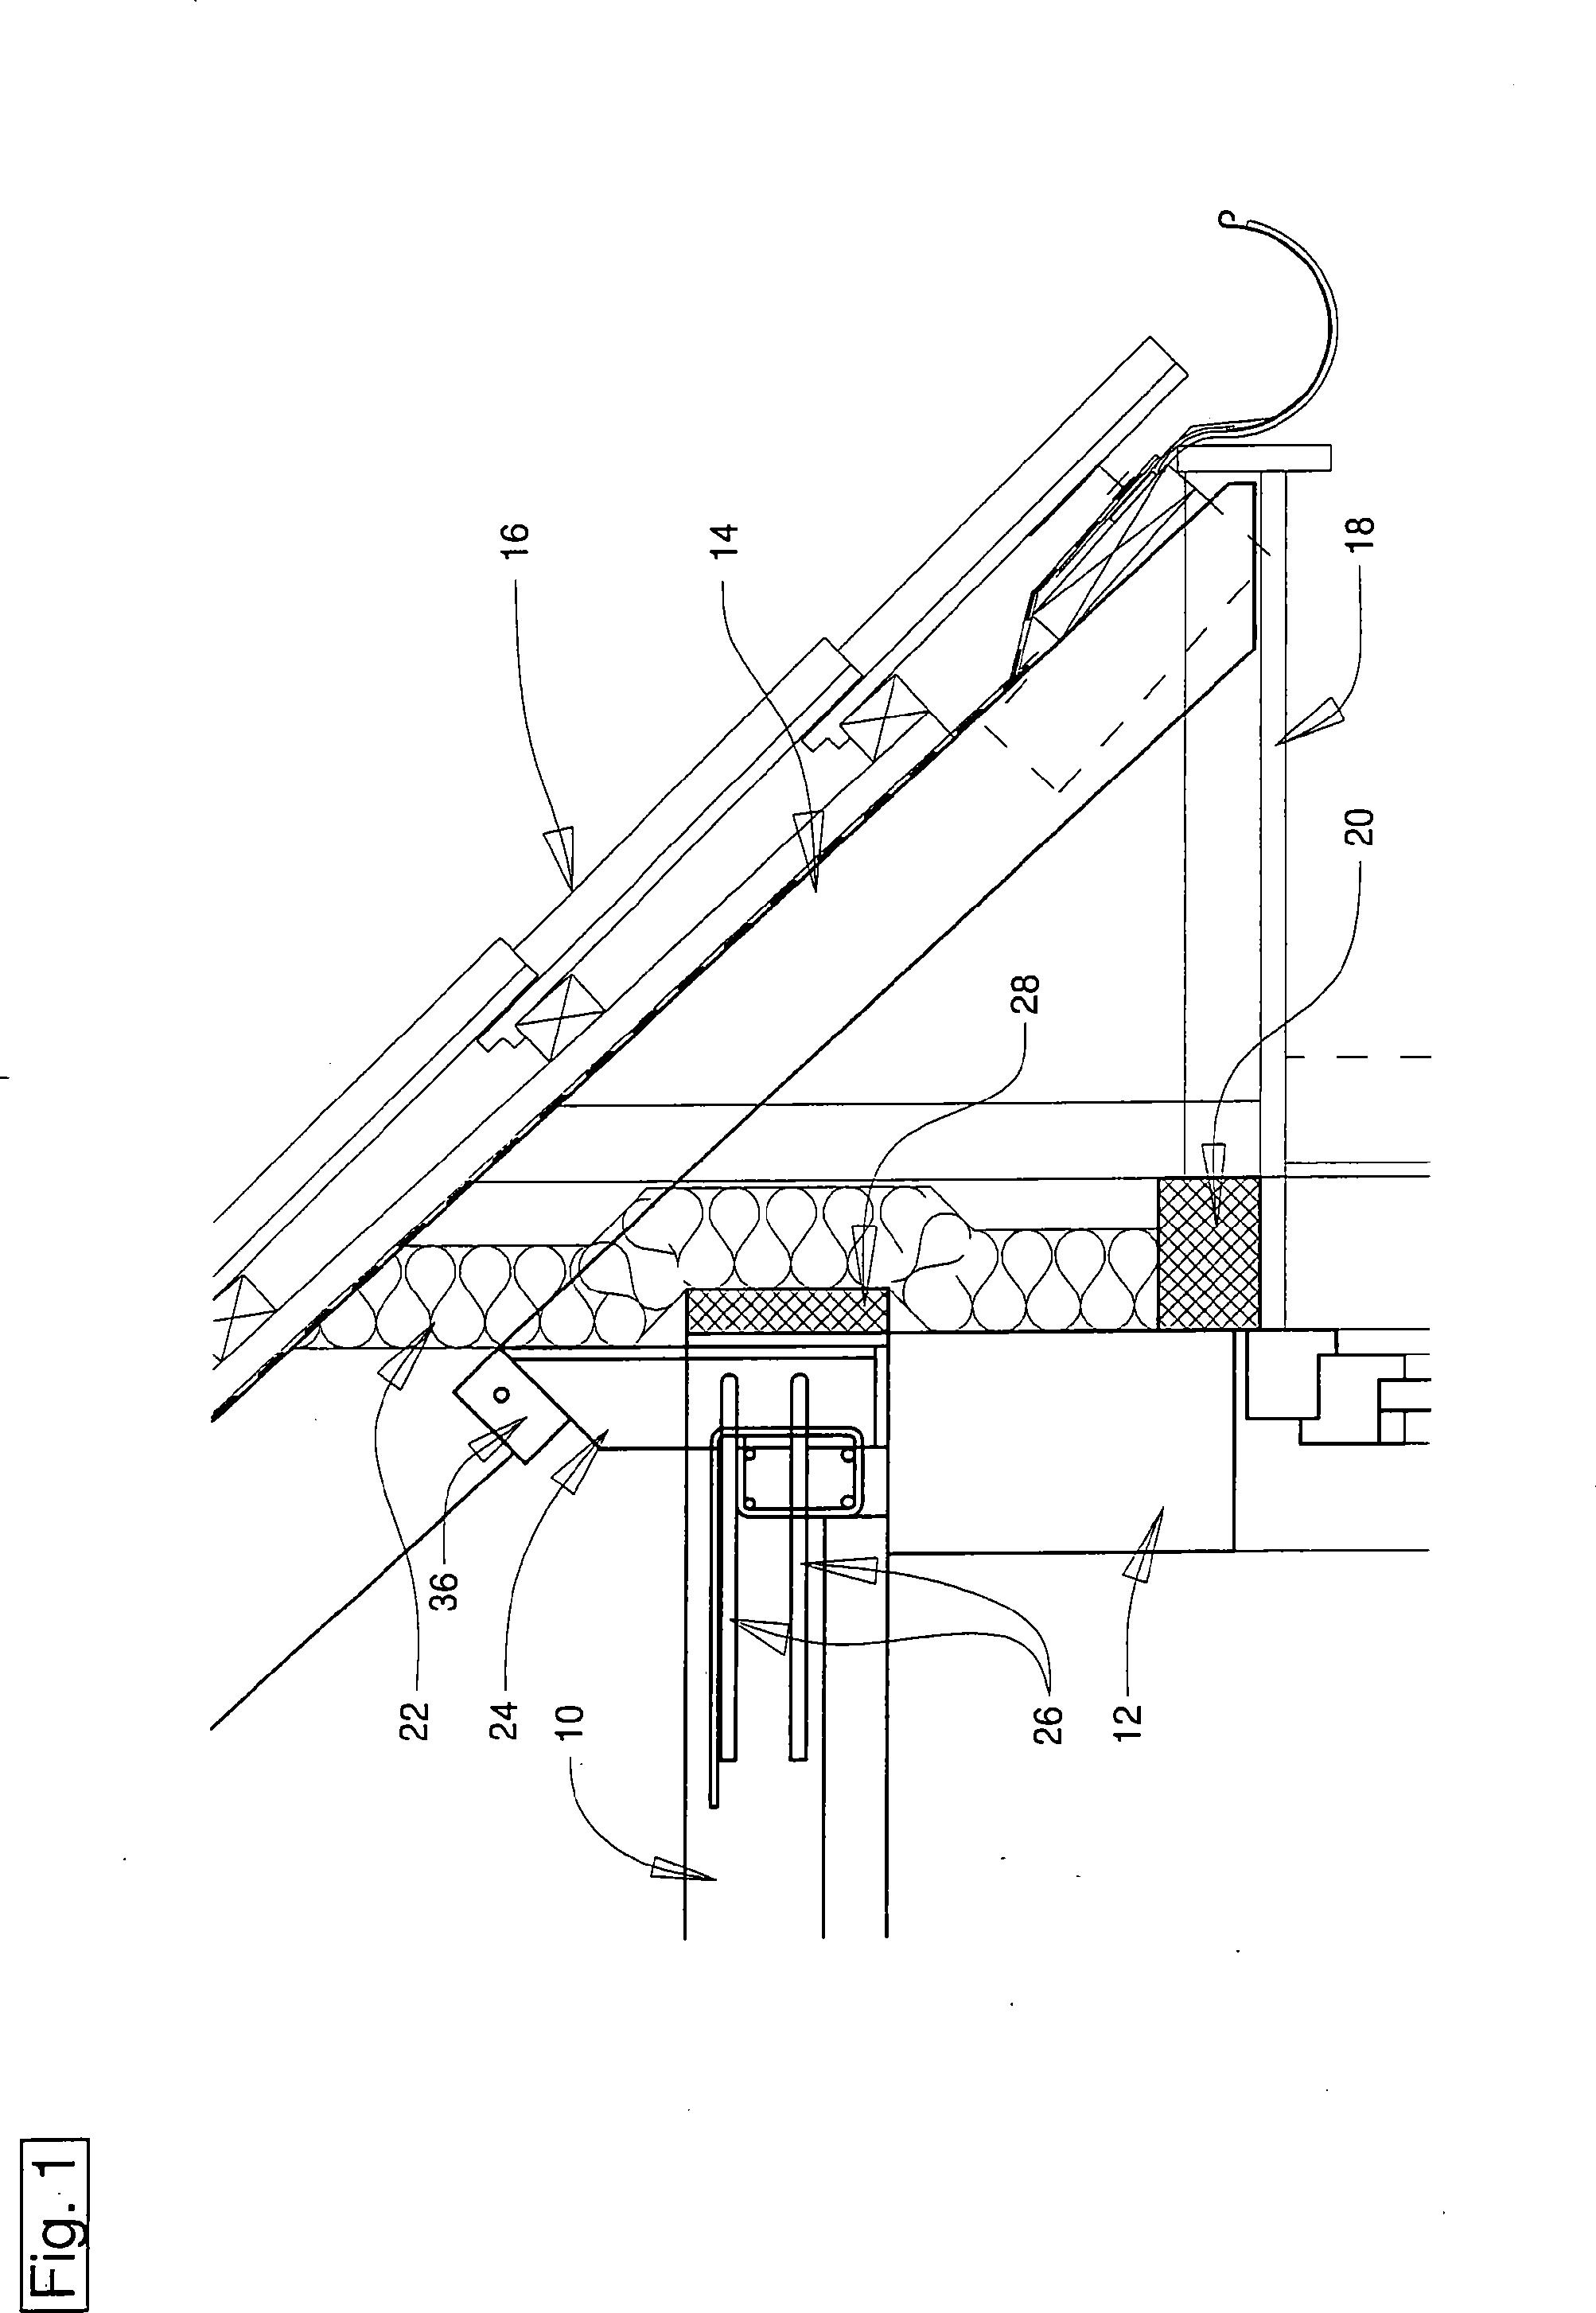 Patent de102006061354b4 verfahren zur montage von for Ritter schnitt verfahren